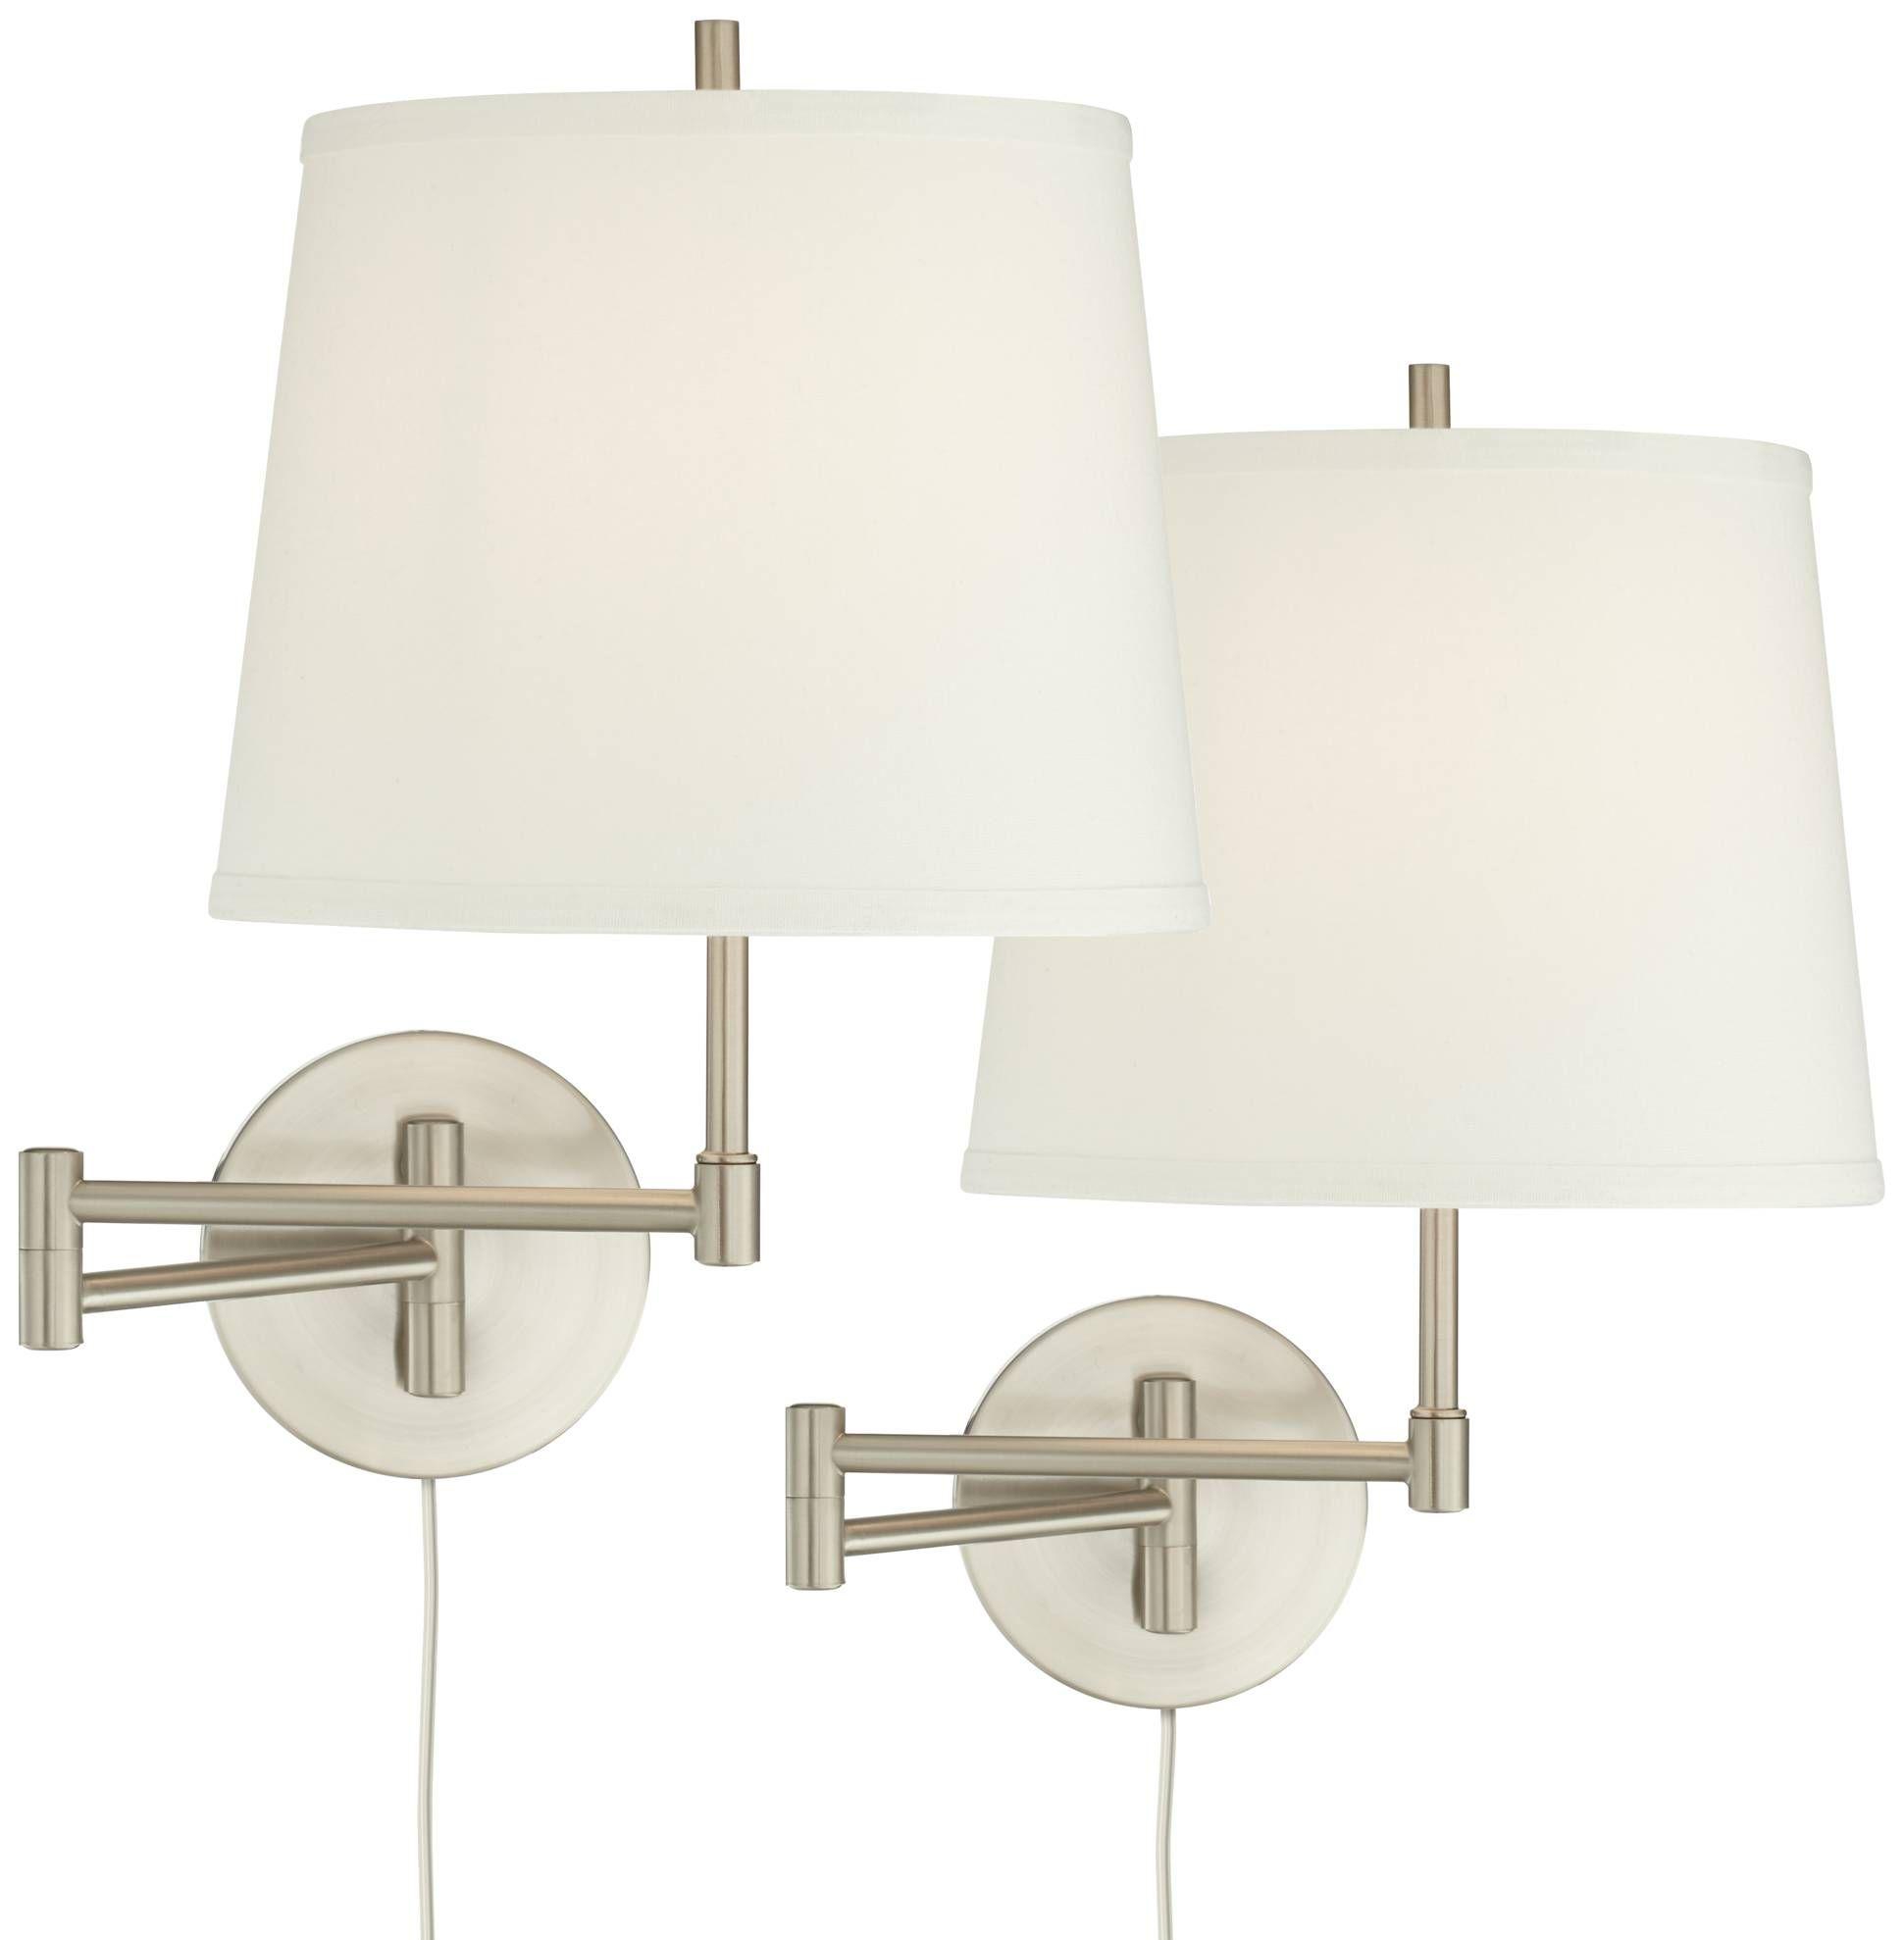 Oray Brushed Nickel Swing Arm Wall Lamp Set Of 2 1m557 Lamps Plus Swing Arm Wall Lamps Wall Lamp Wall Lamp Design